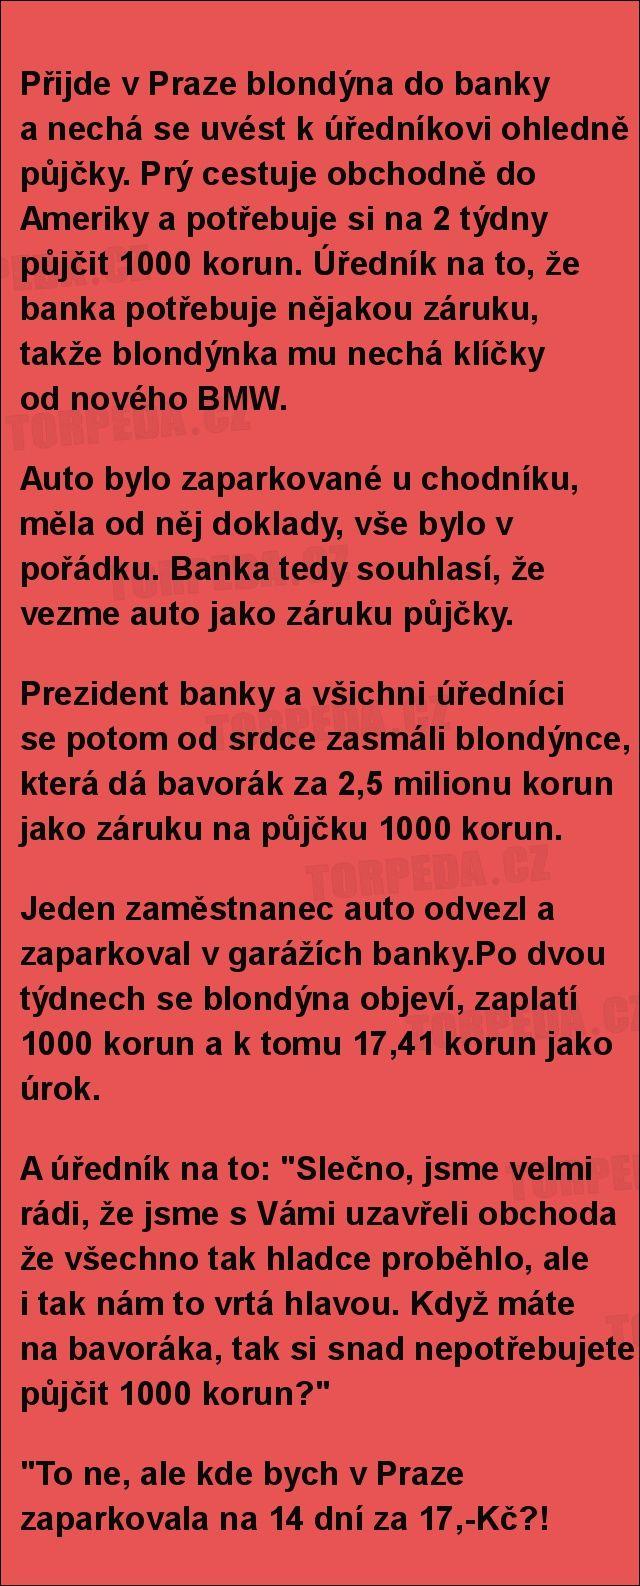 Přijde v Praze blondýna do banky... | torpeda.cz - vtipné obrázky, vtipy a videa